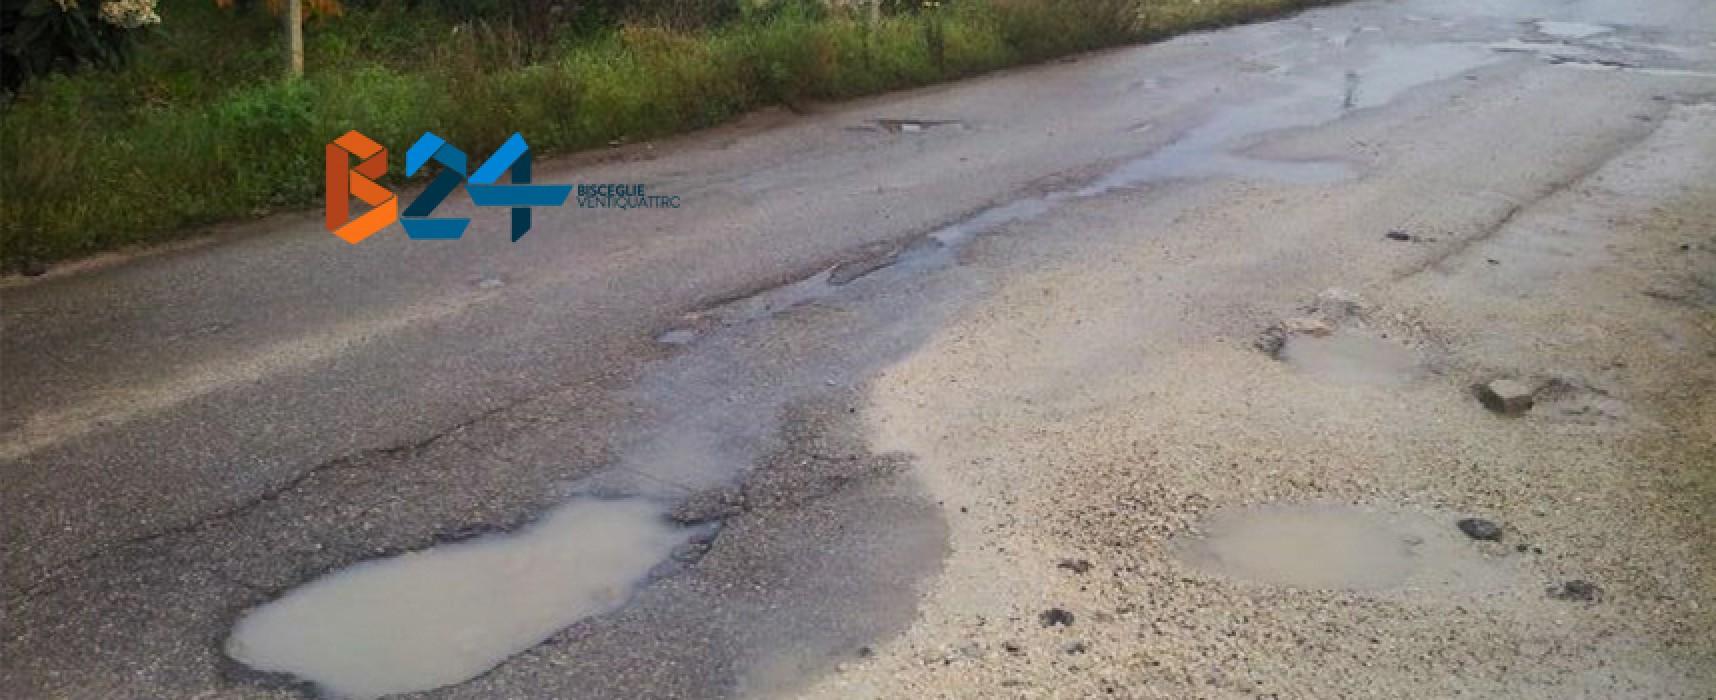 Chiusa la perdita d'acqua in Via San Mercuro, seguiranno lavori dell'Aqp / FOTO